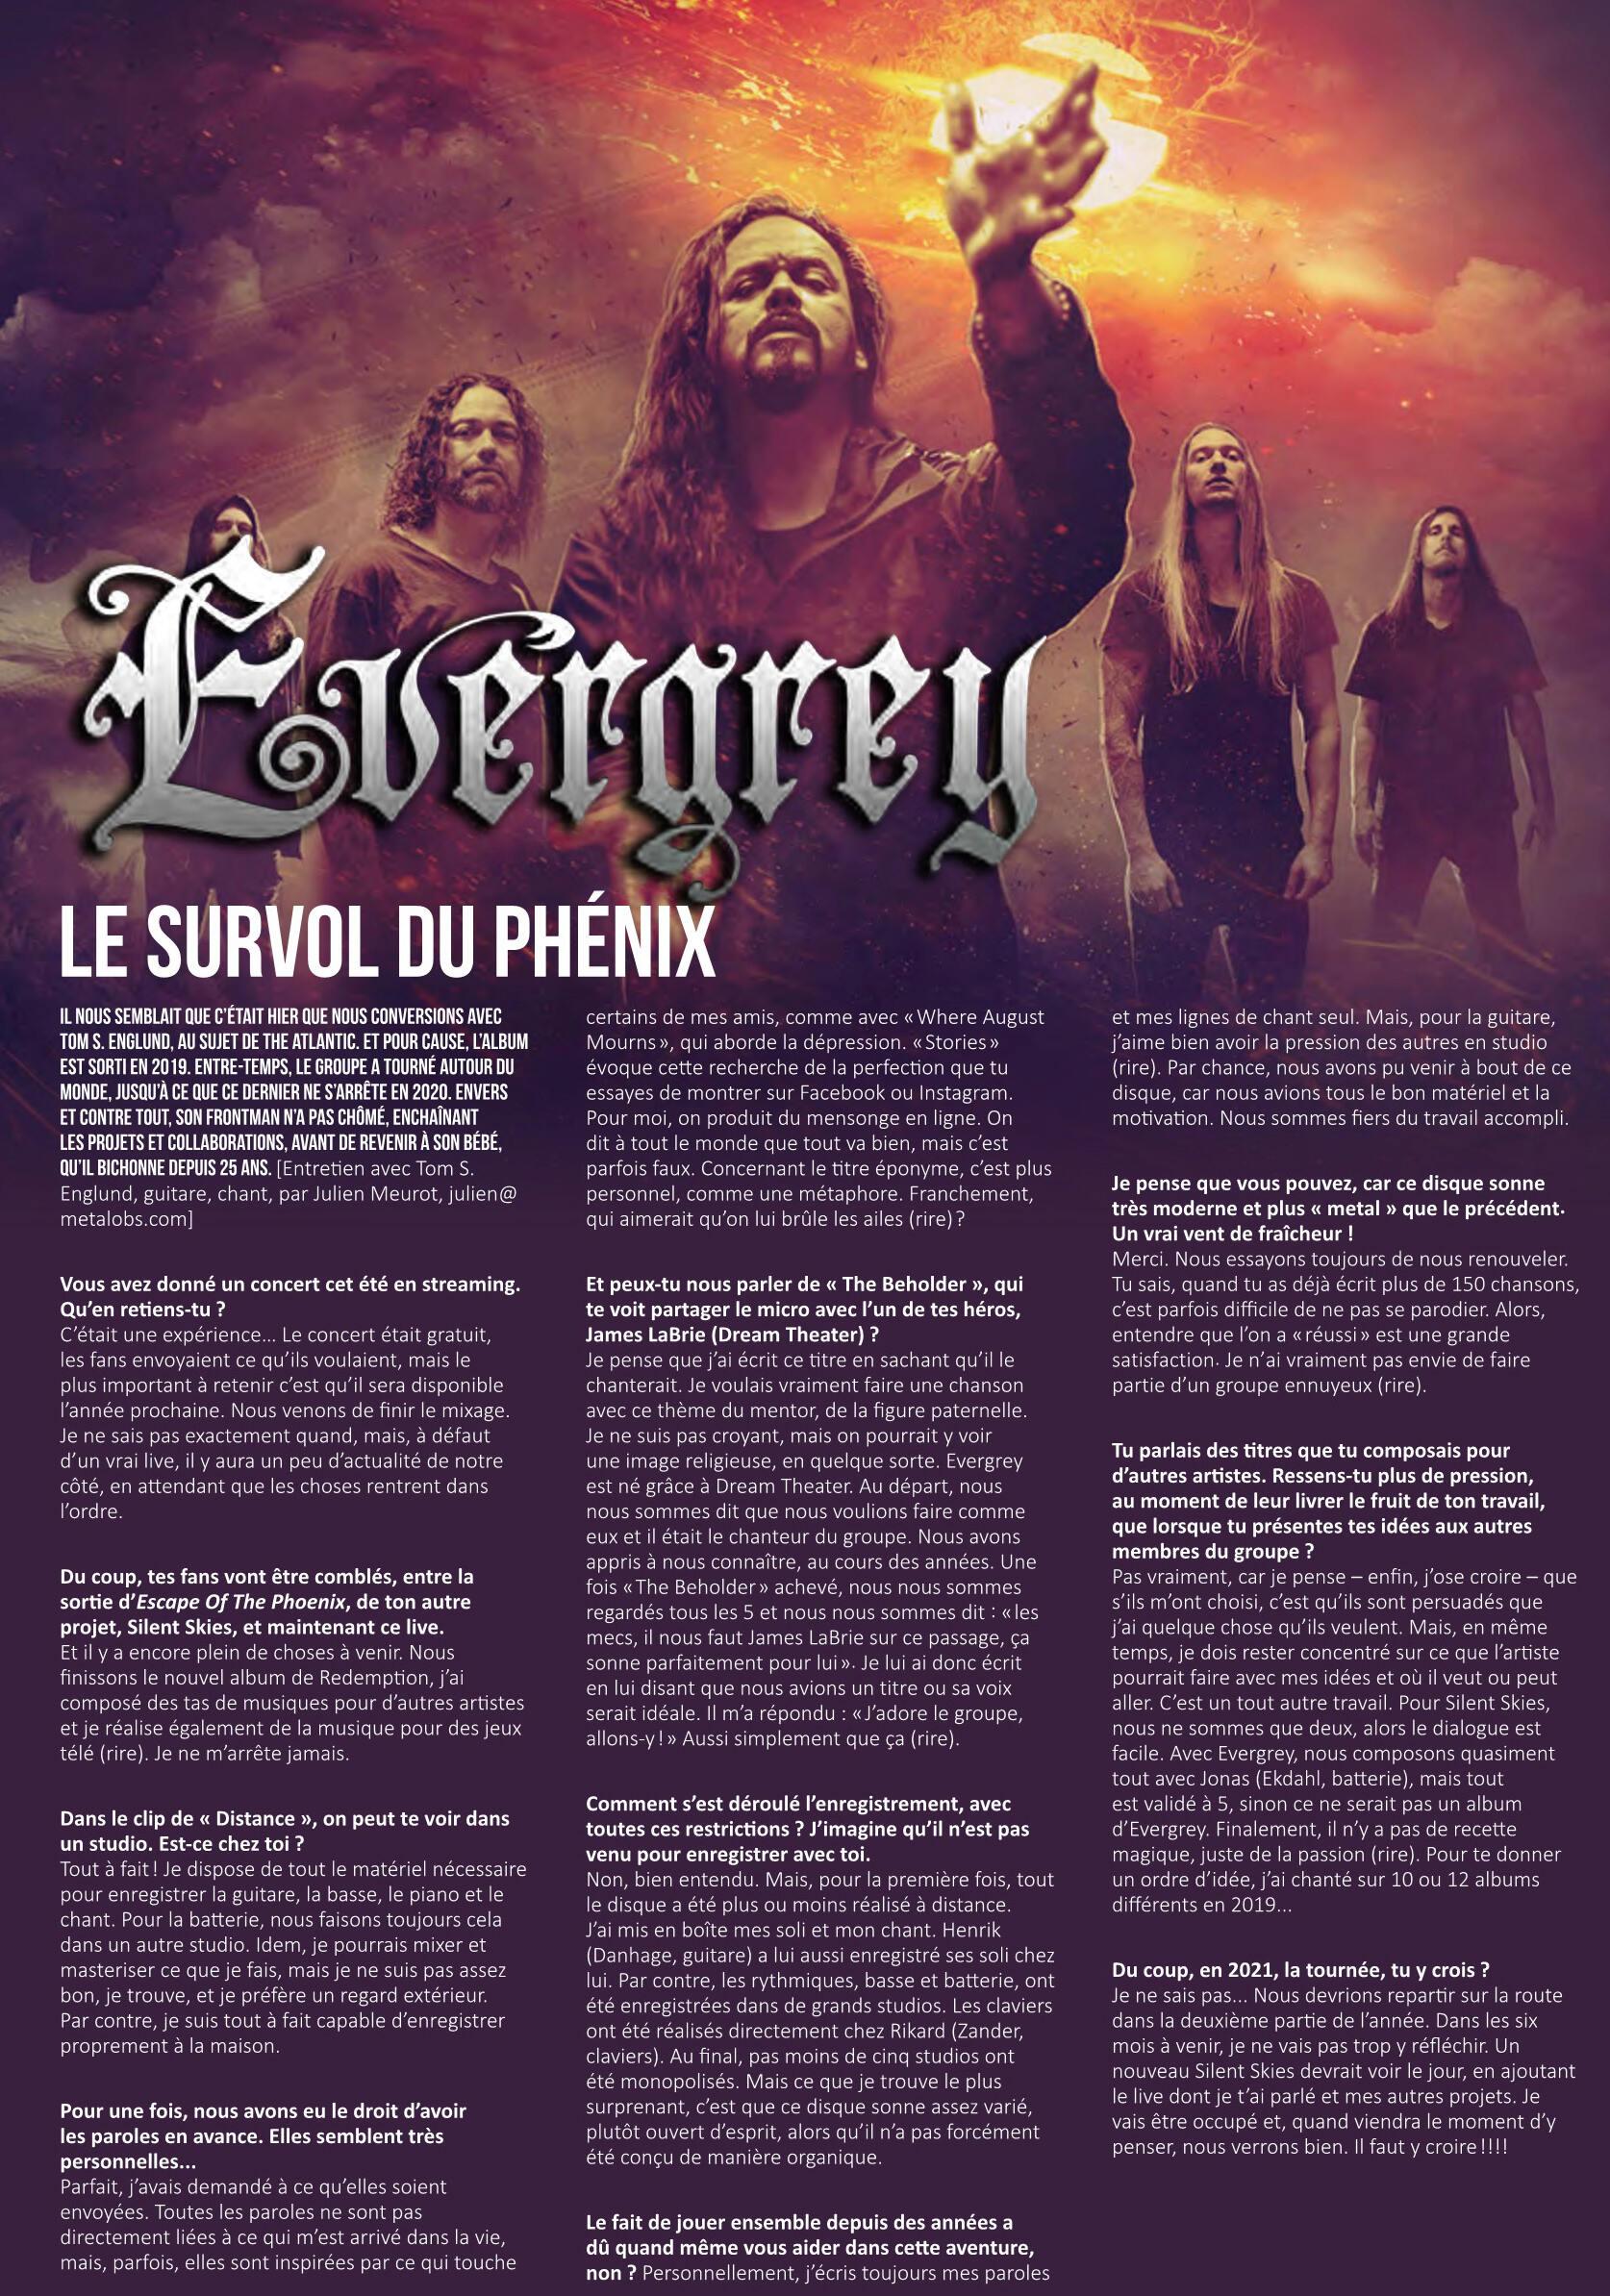 """Evergrey  (Progressive Metal) """"Escape Of The Phoenix"""" le 26 février 2021 et le single le 4 decembre 2020 Evergr12"""